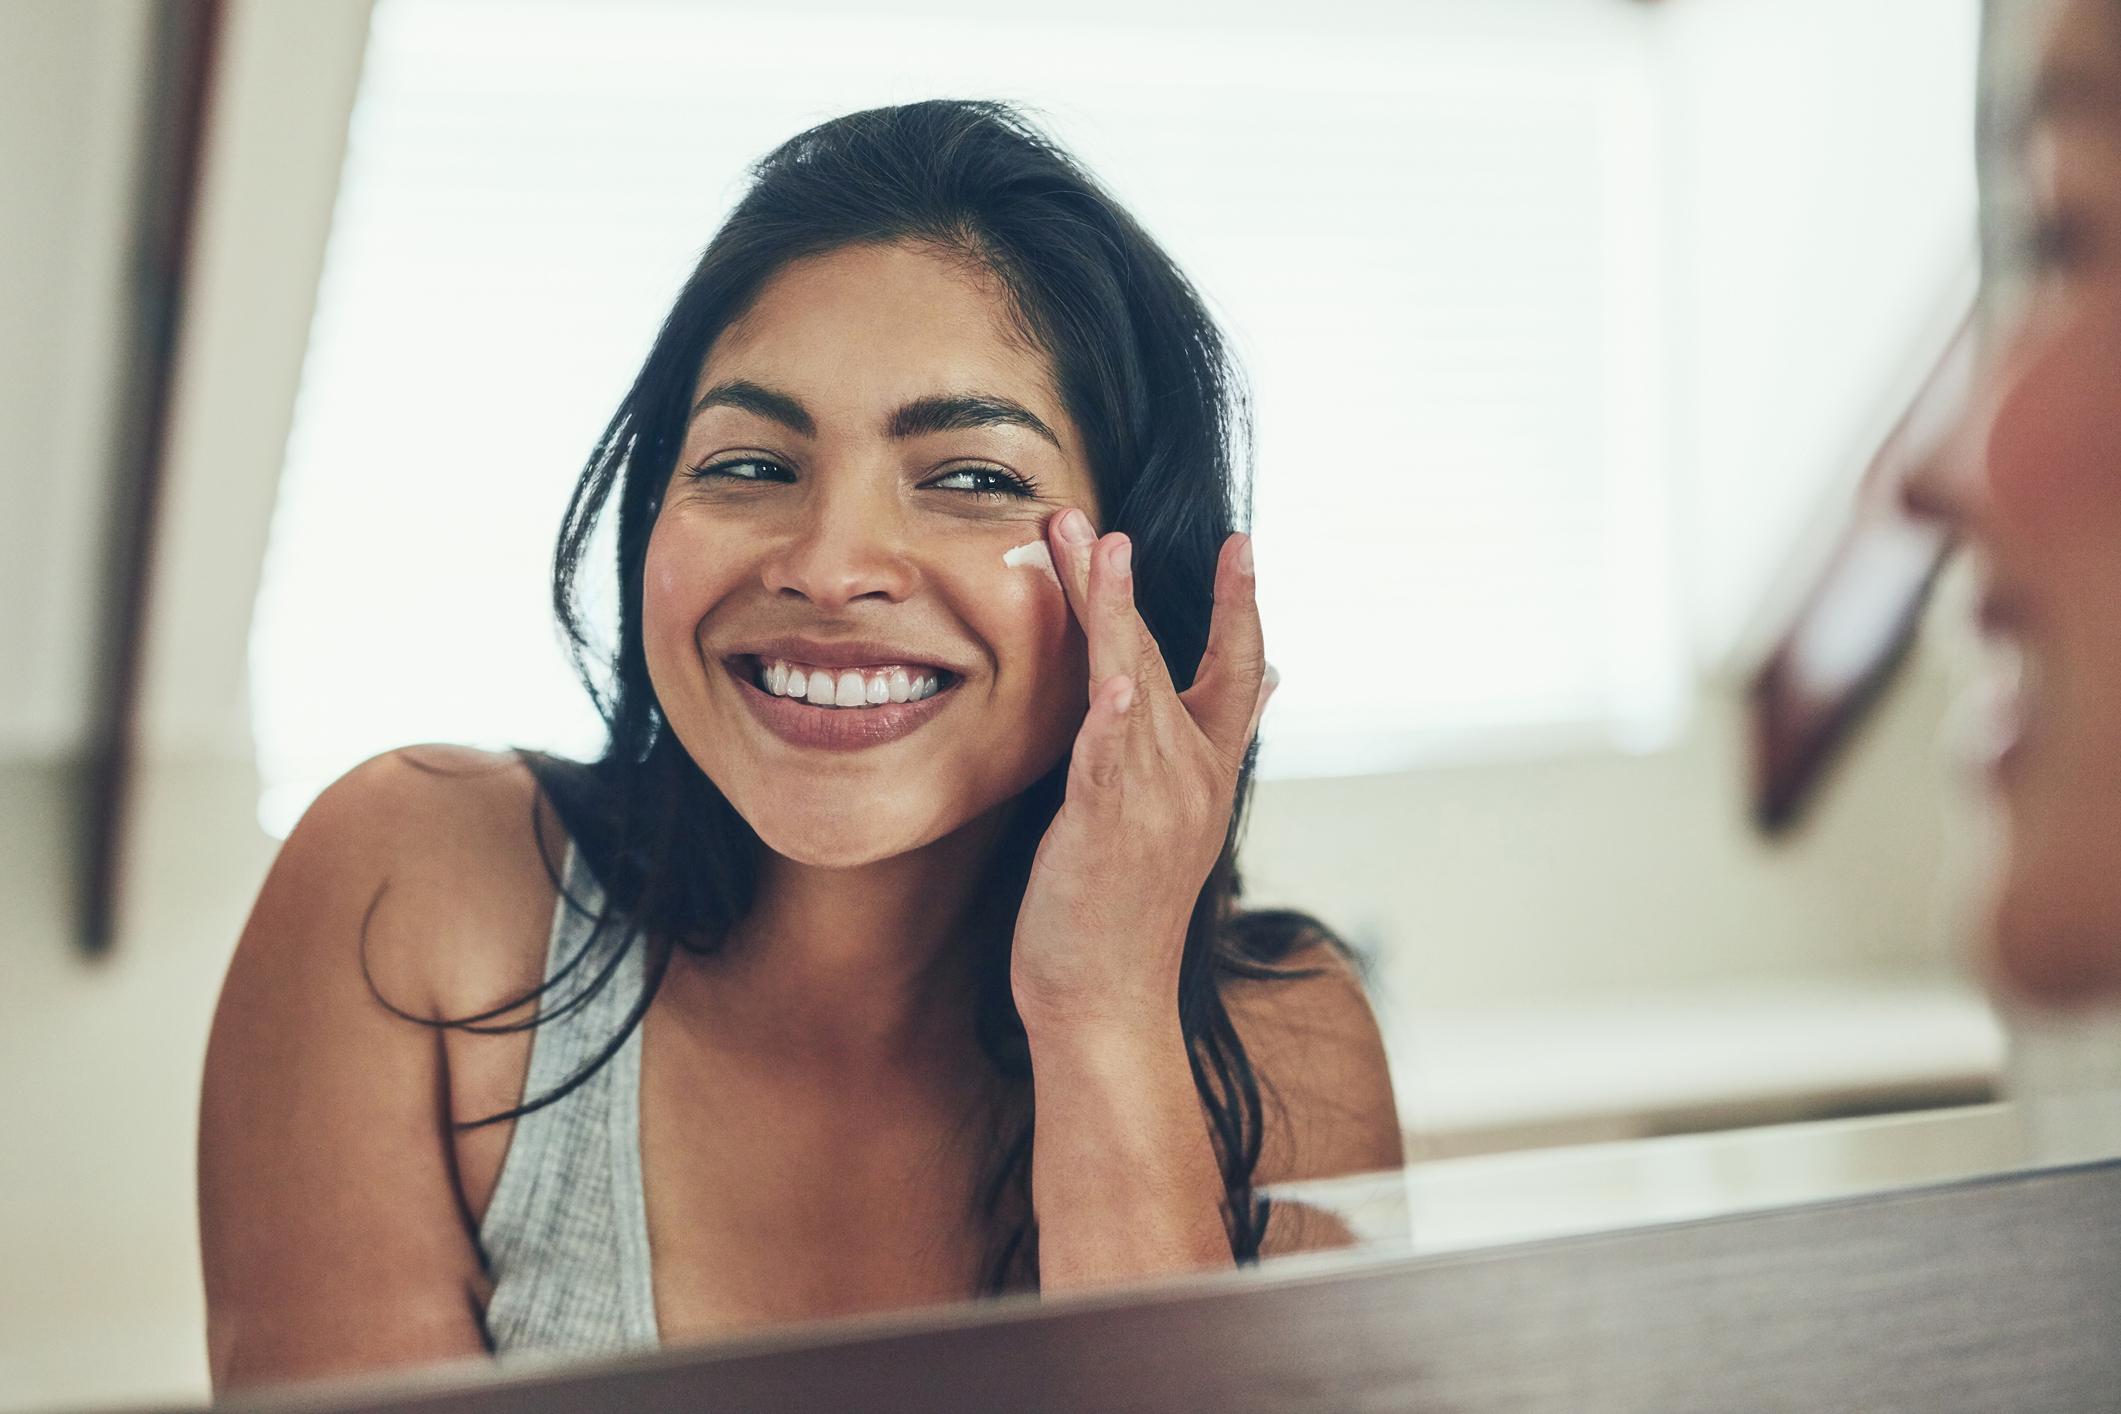 Plan d'une jeune femme qui applique une crème hydratante sur son visage à la maison.